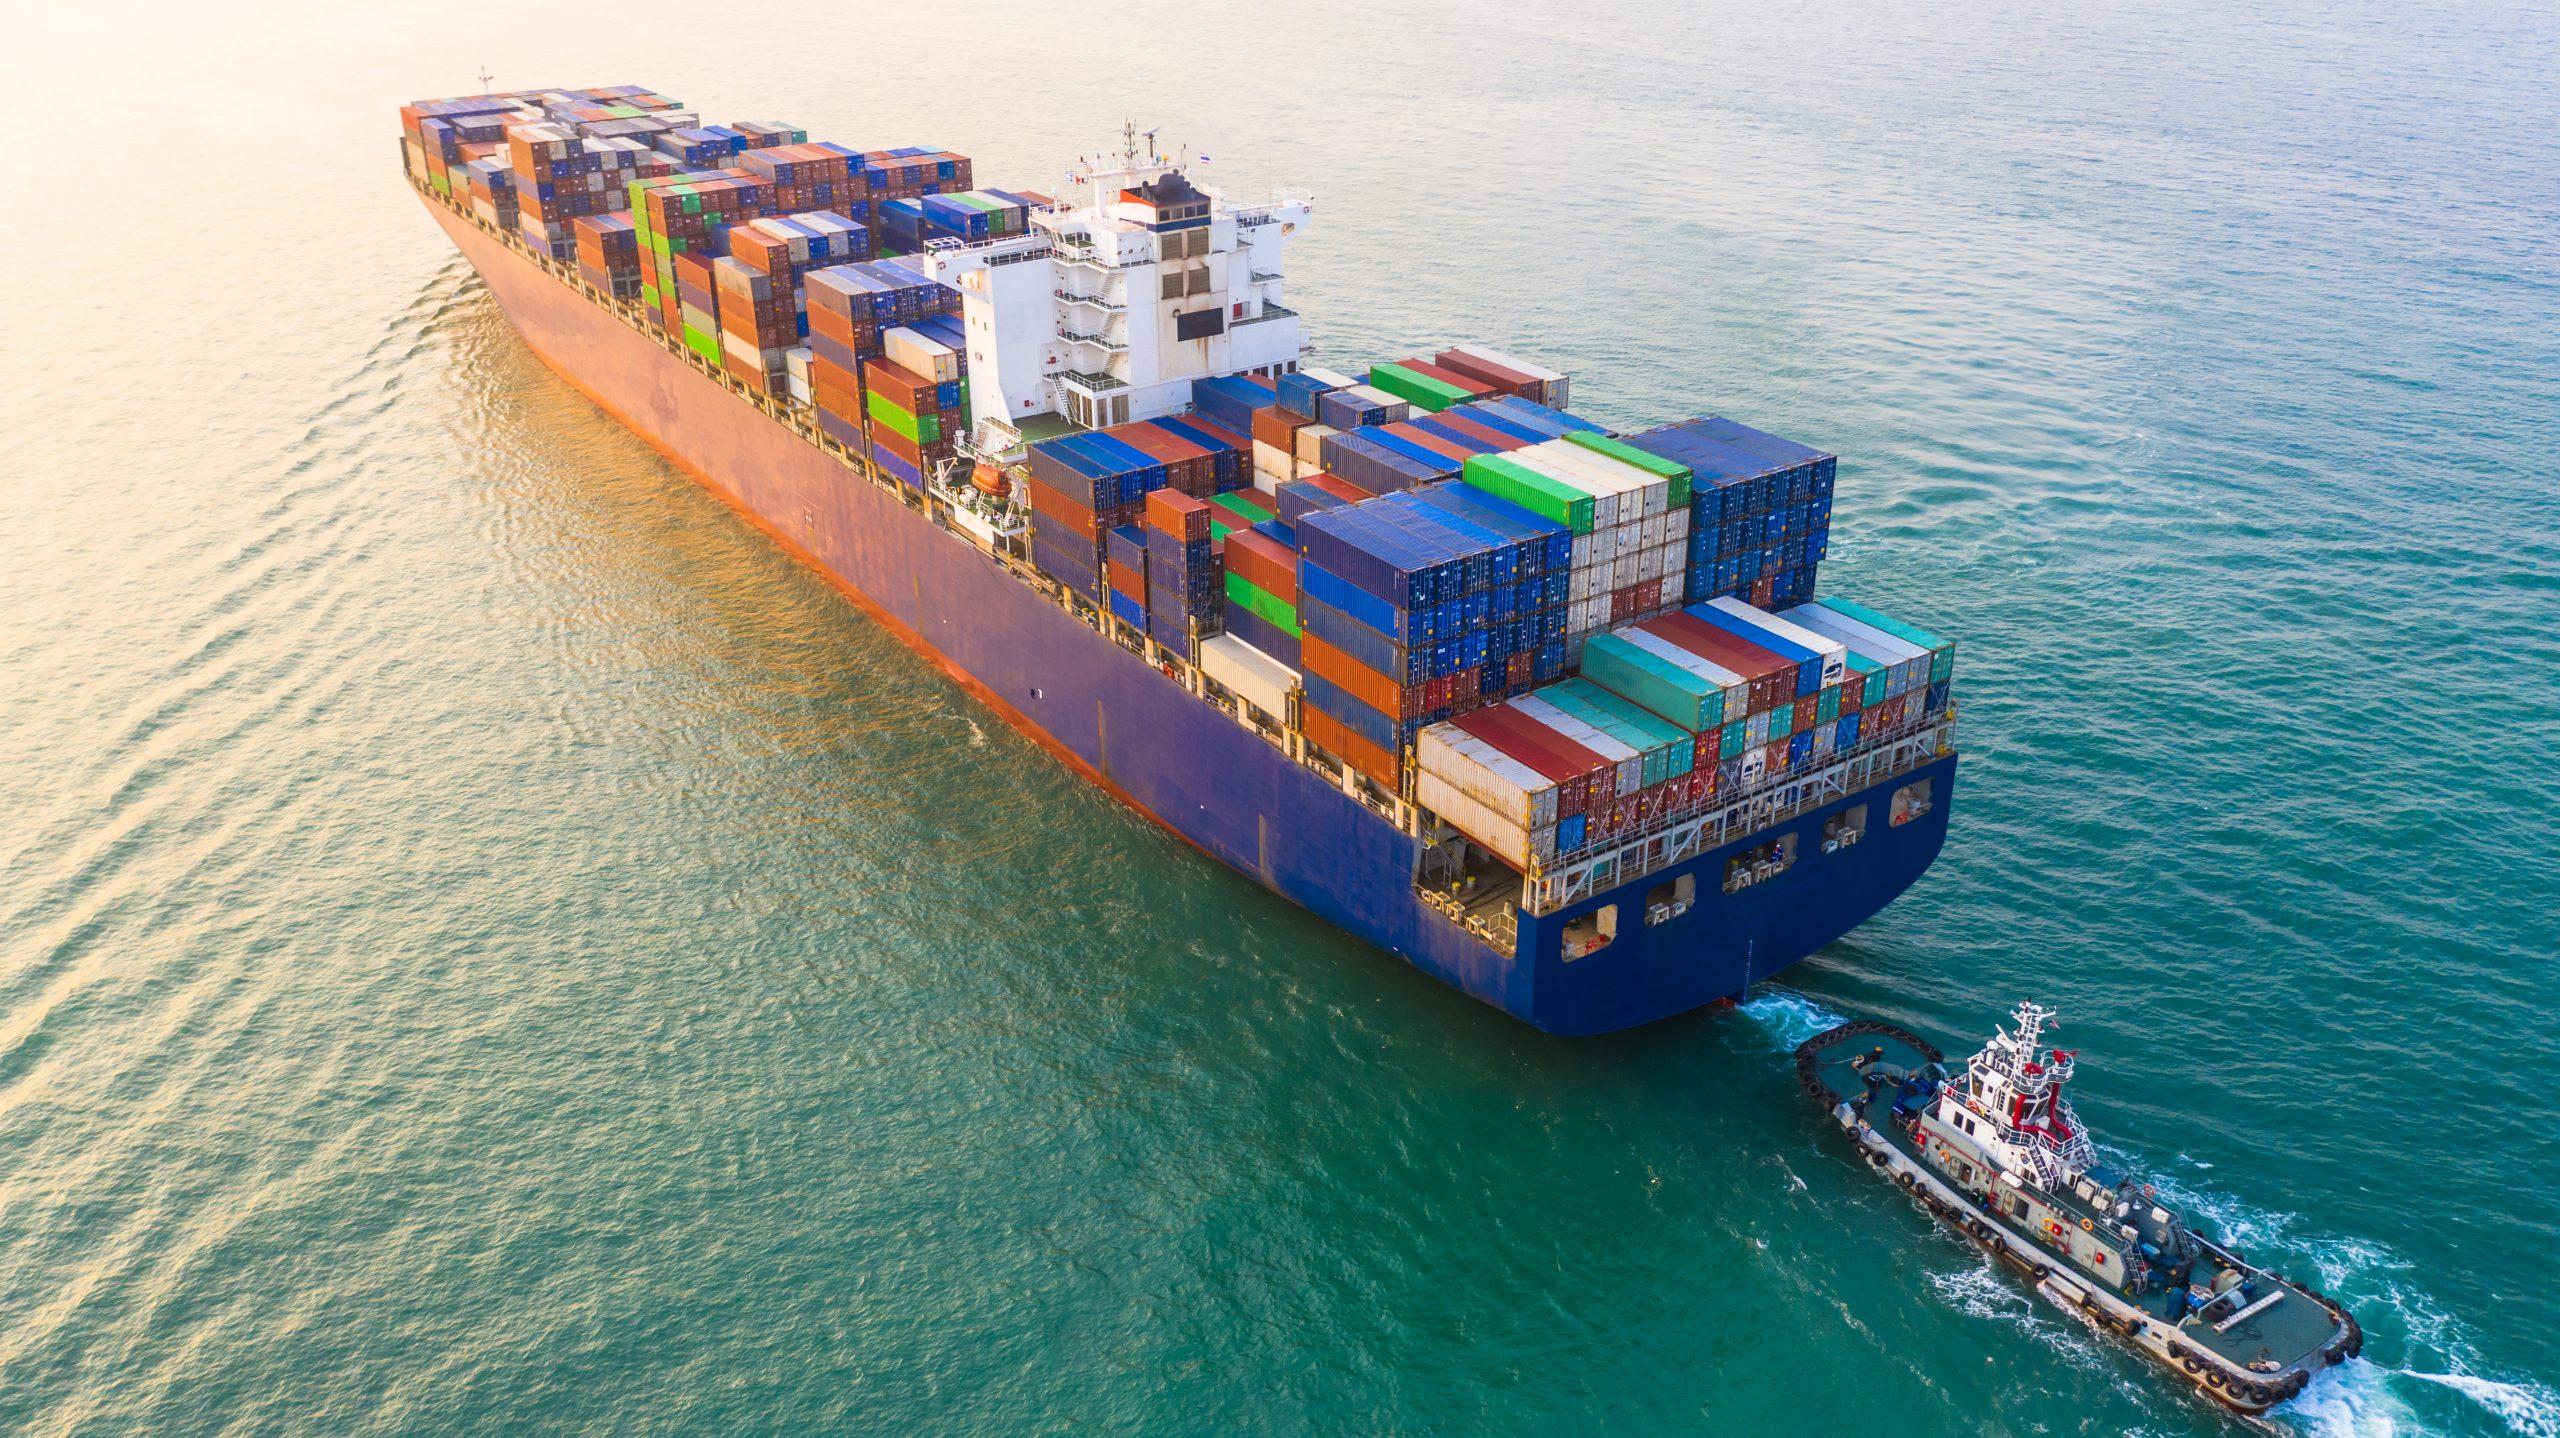 Peak shipping season